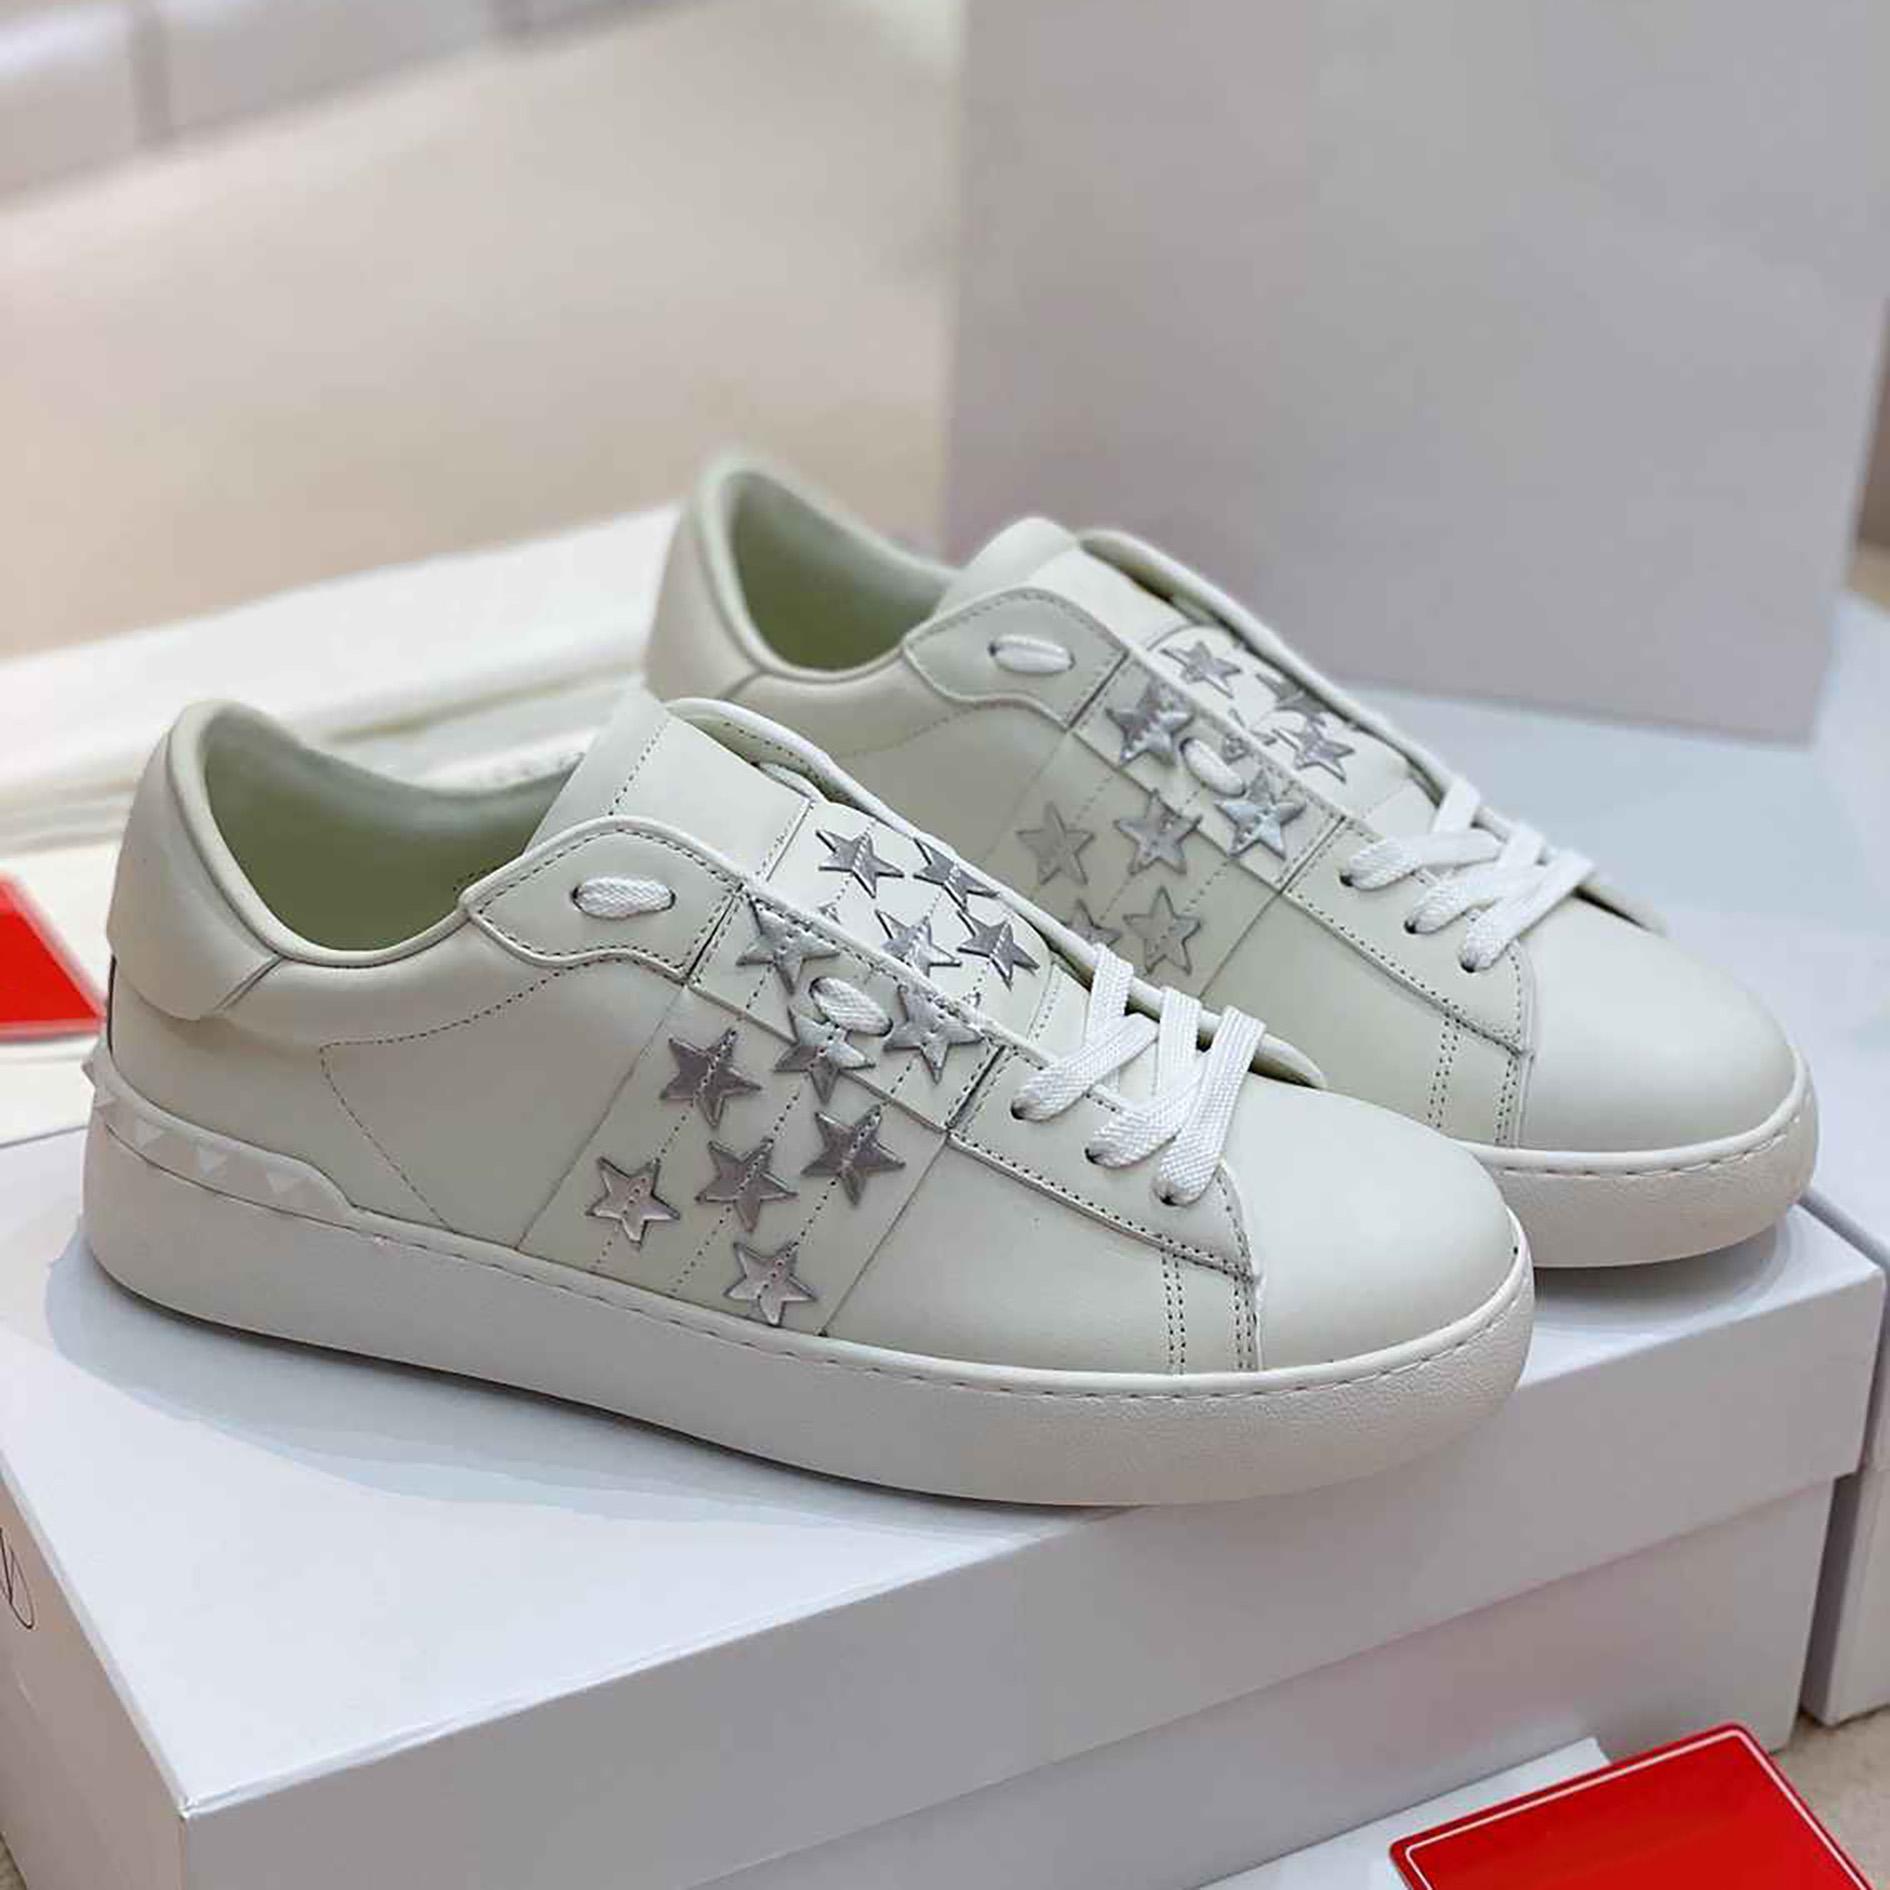 45٪ محدودة الوقت disont 2021 حديثا نمط عارضة أحذية ممتازة جودة العلامة التجارية سوبر التفاصيل مريحة مصمم المألوف سهلة مطابقة للجنسين للرجال النساء